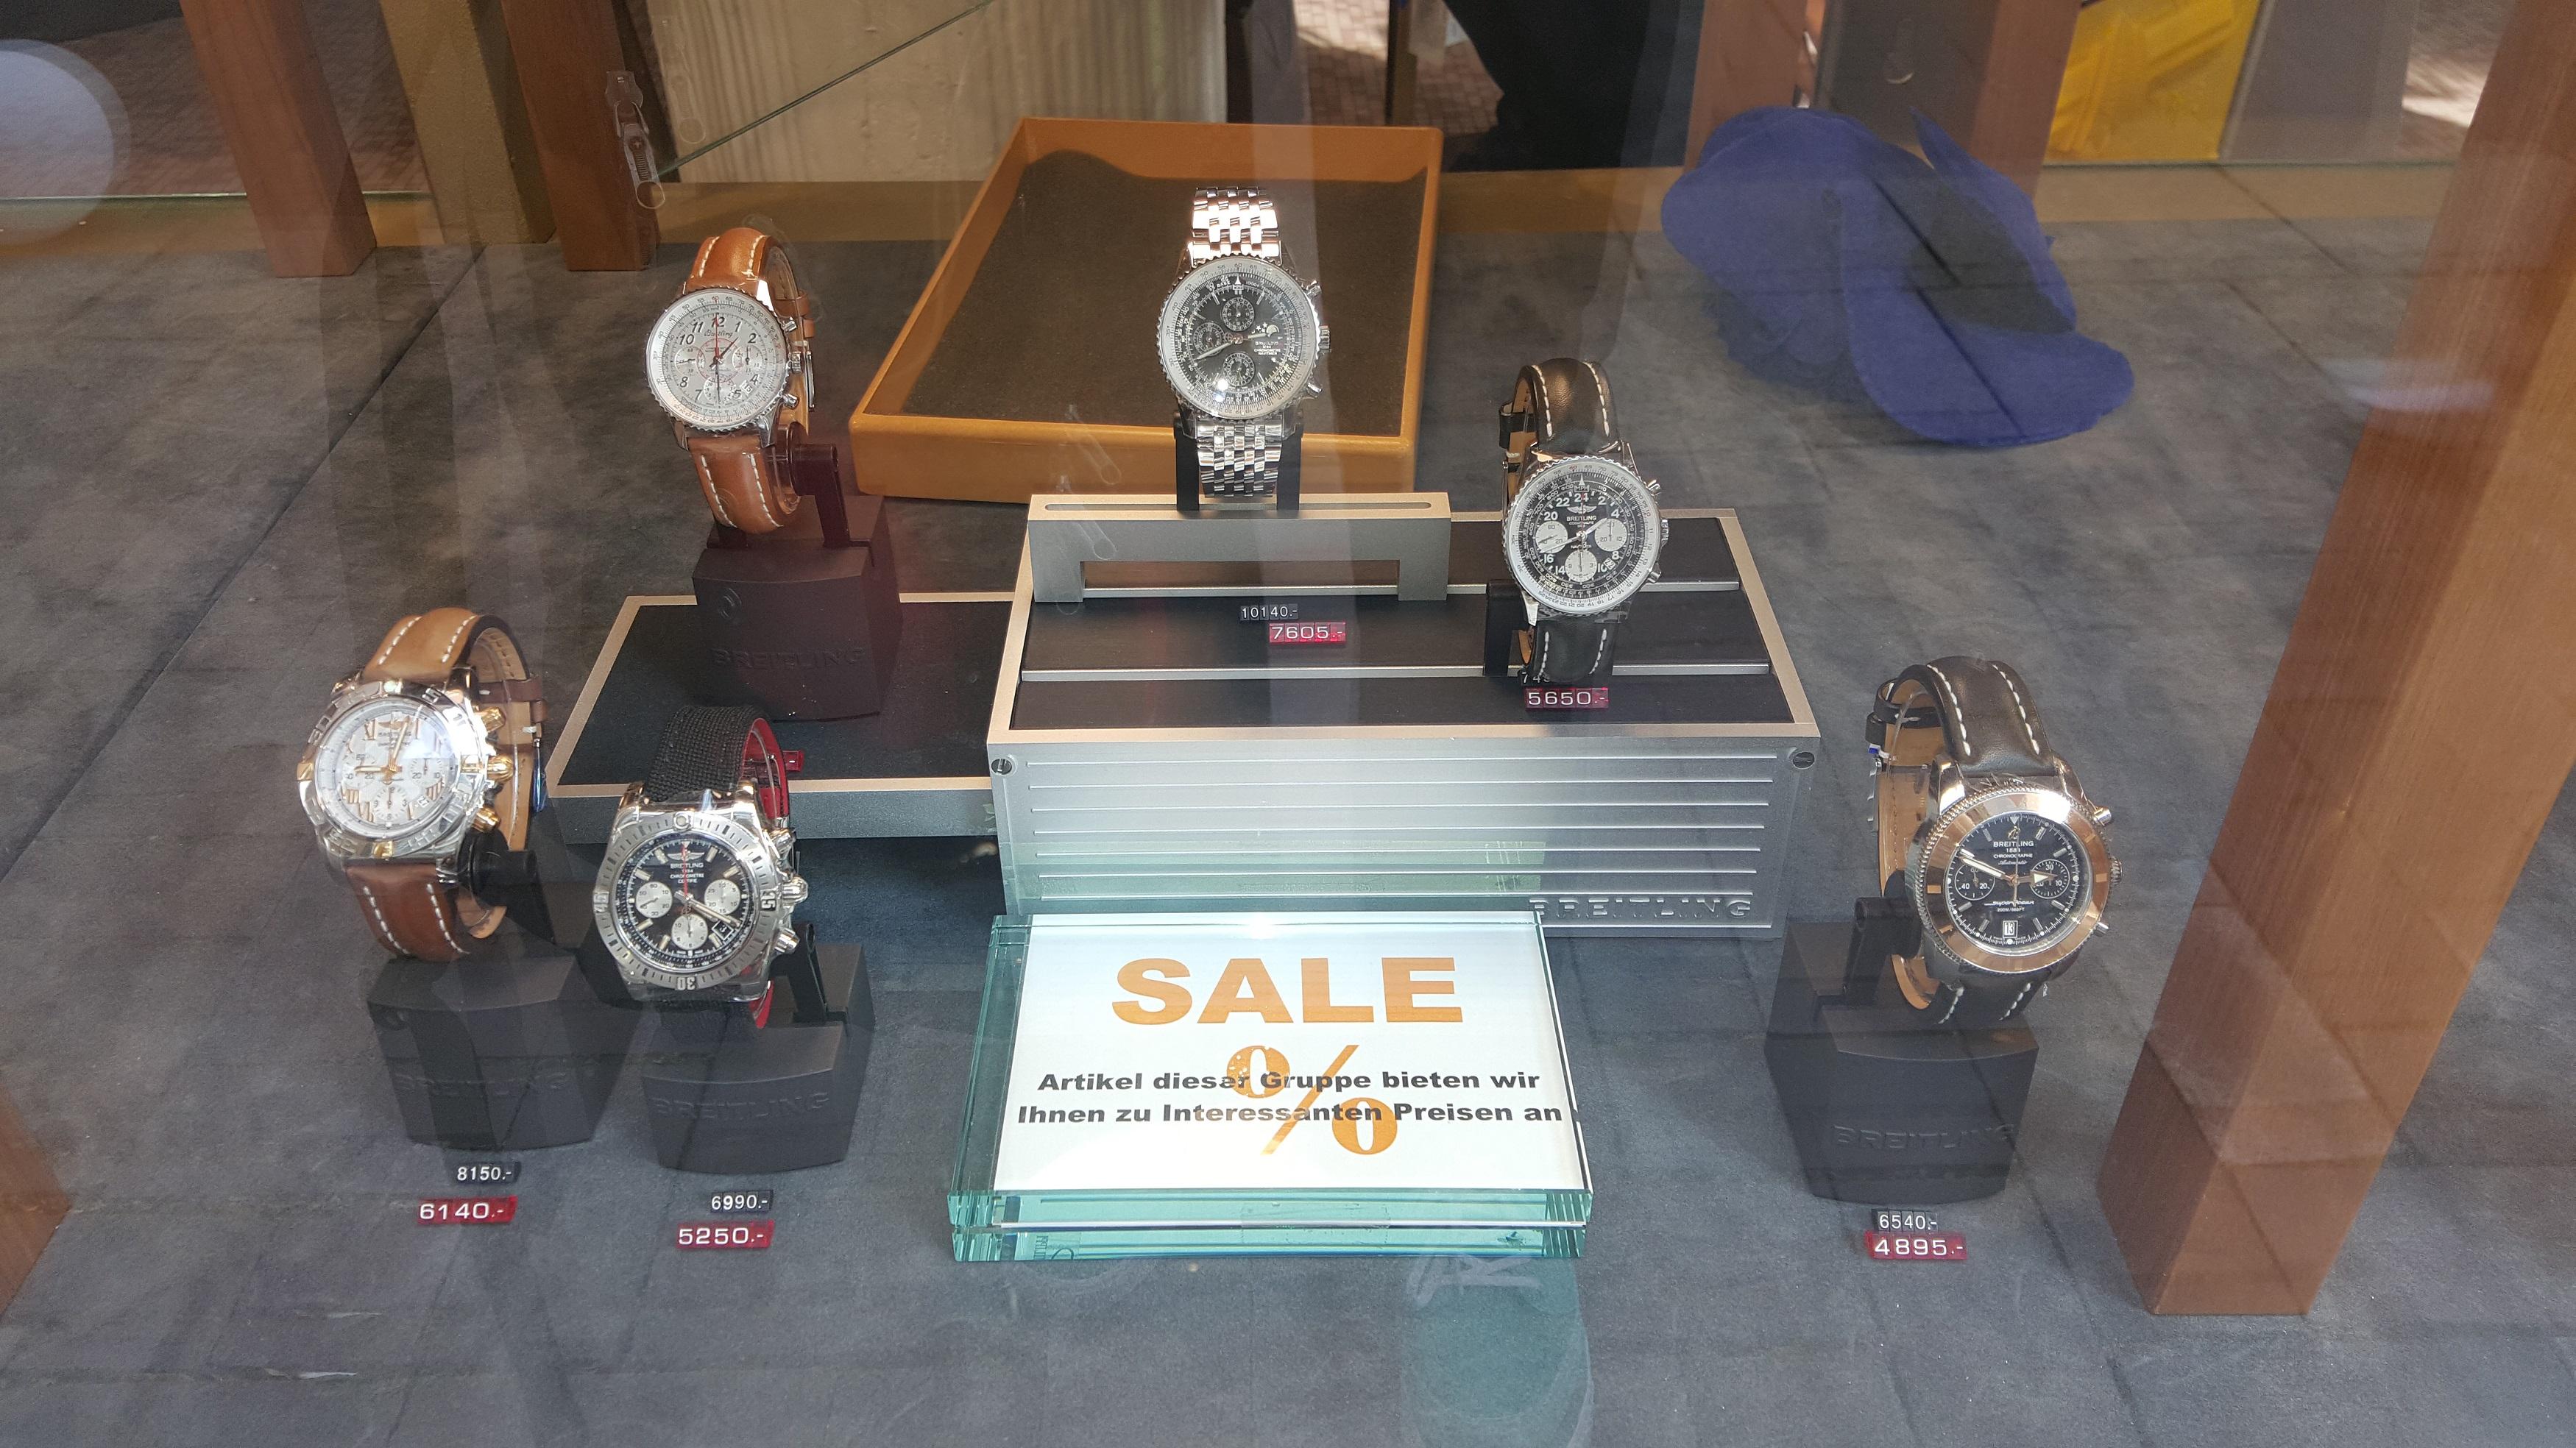 [Lokal Essen] Sale Breitling Uhren bei Edmund Arnold